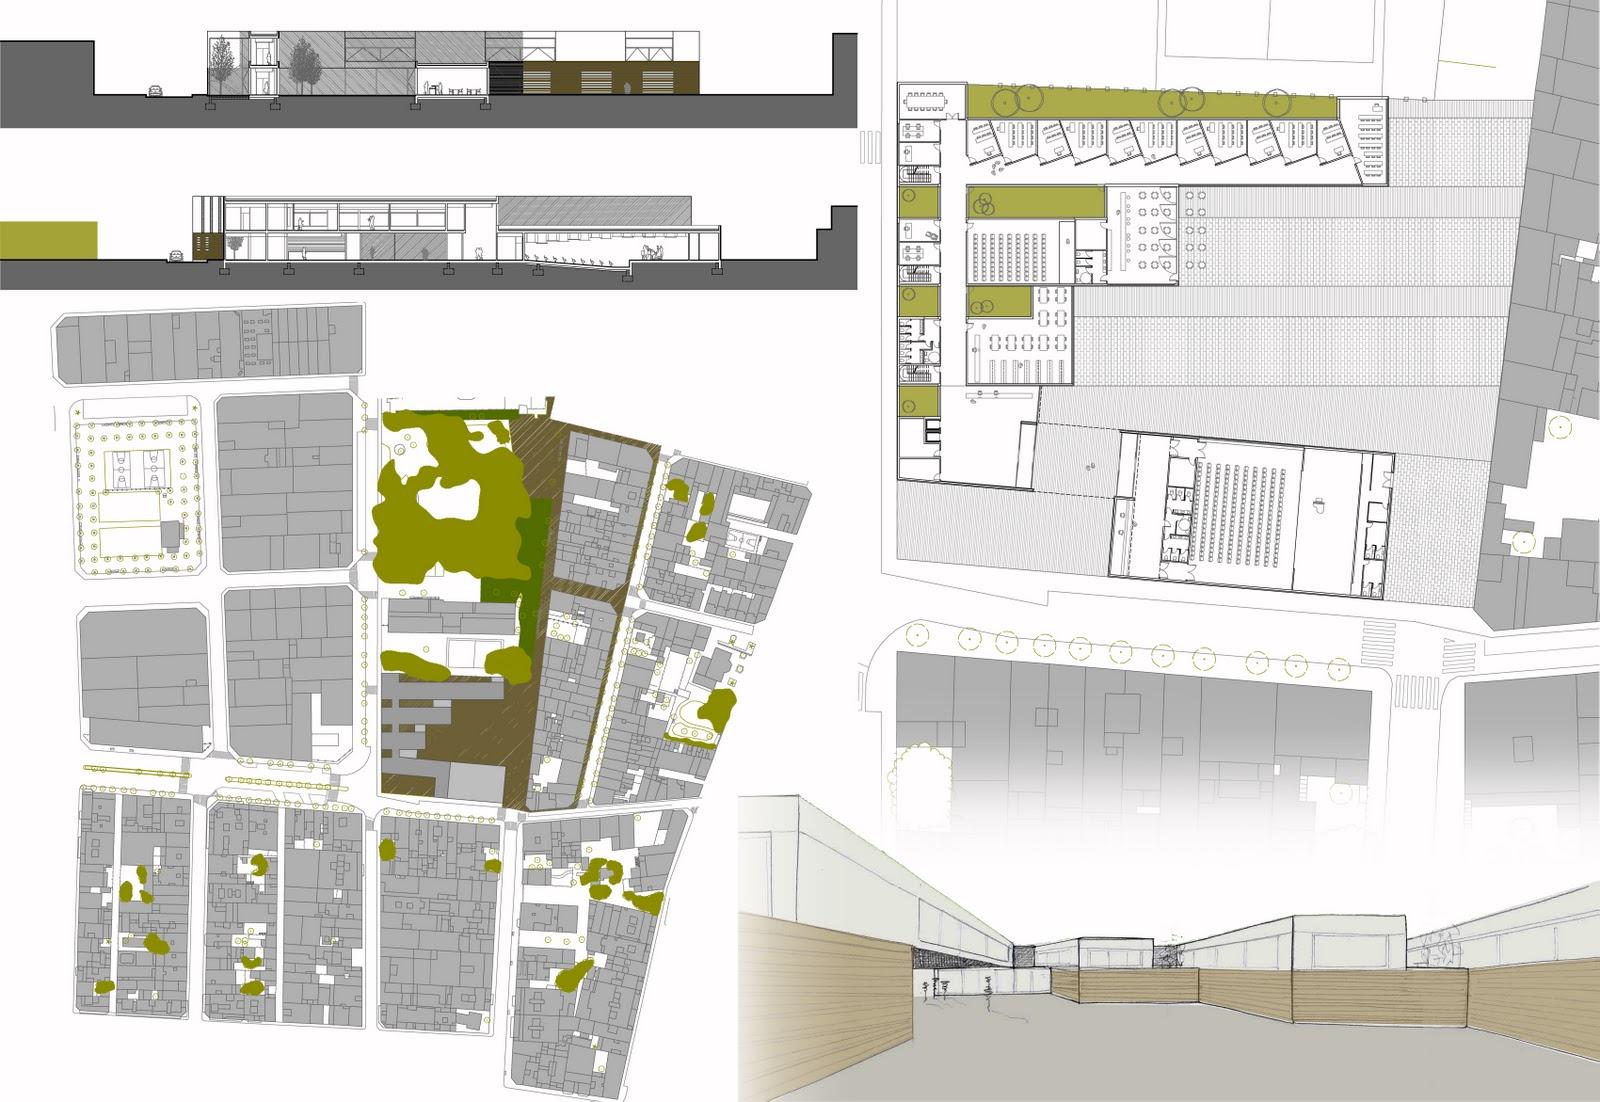 Msb arq for Cursos facultad de arquitectura